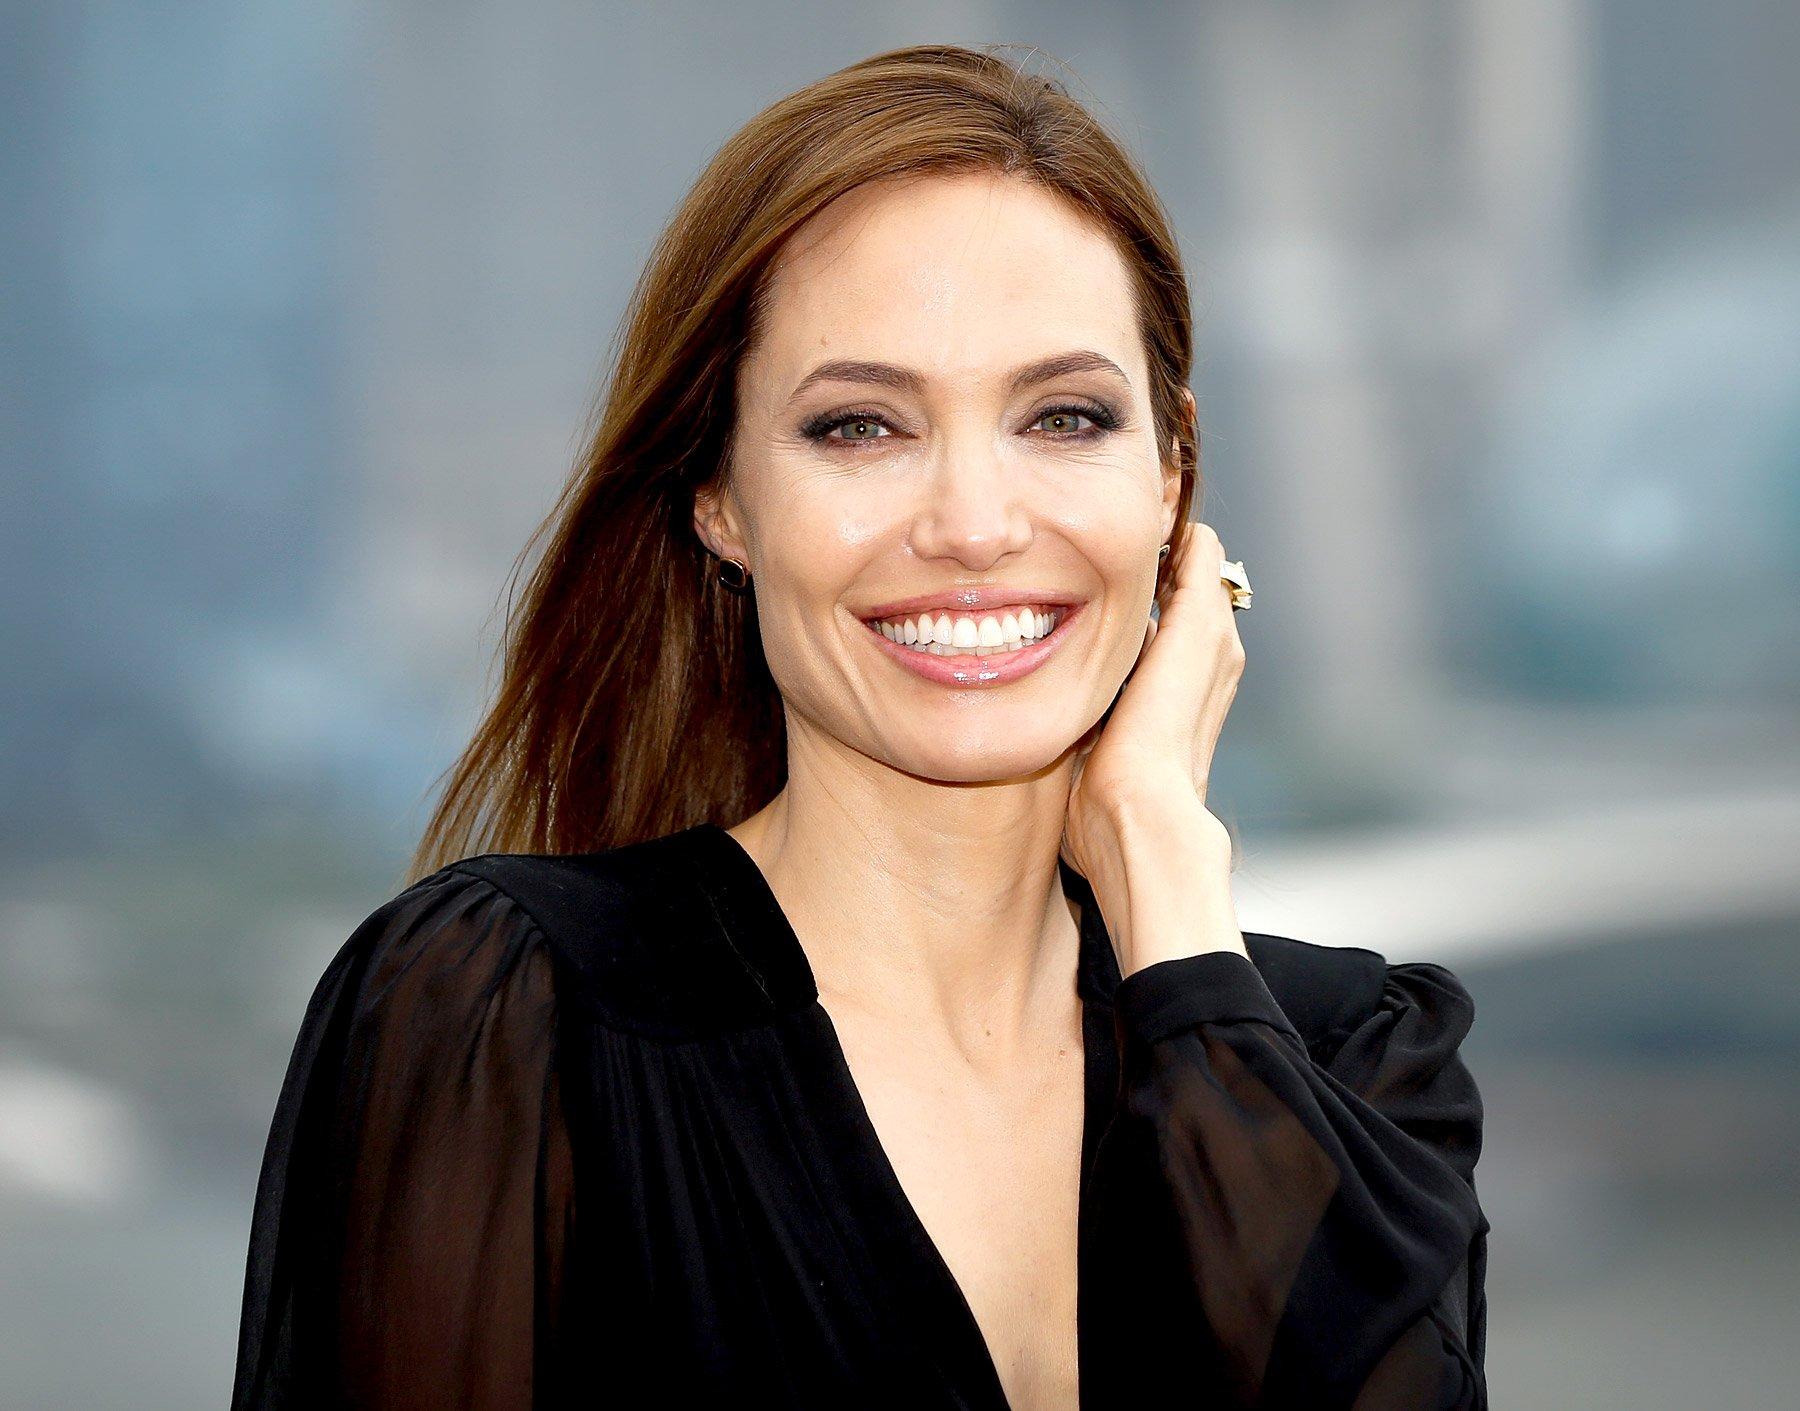 Анджелина Джоли отомстит замужа идетей